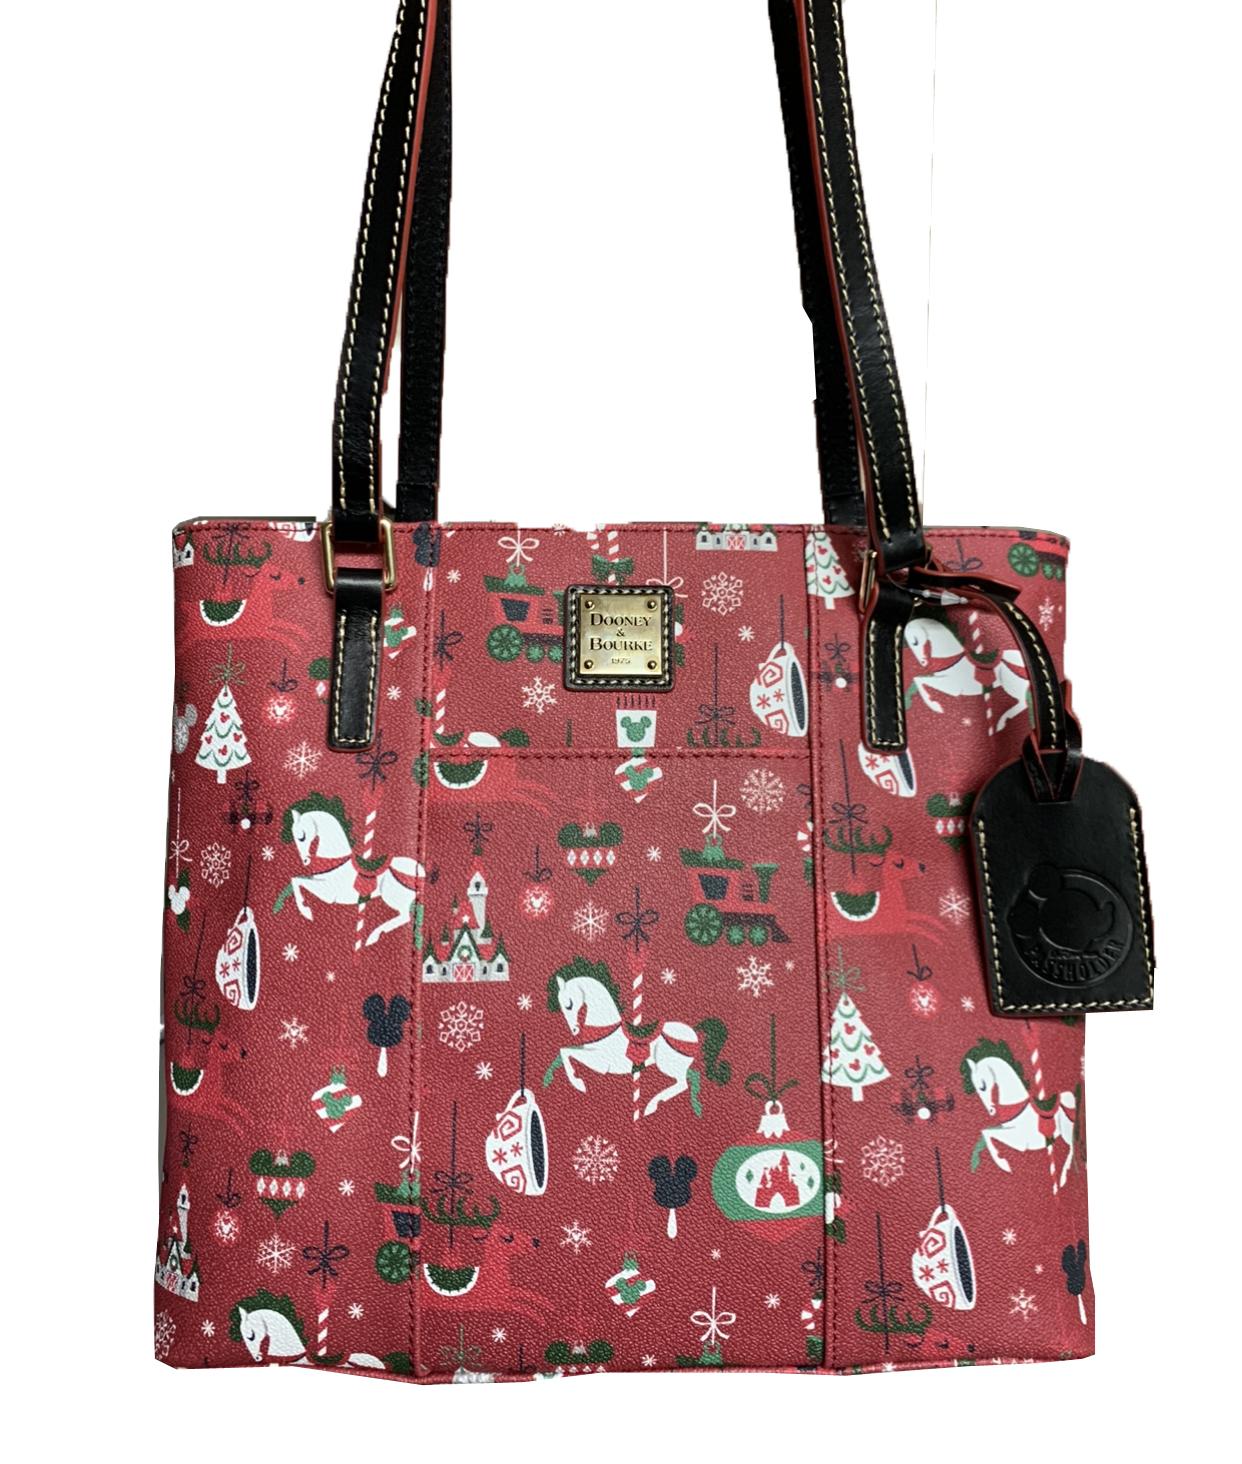 Disney Dooney Bourke Bag 2019